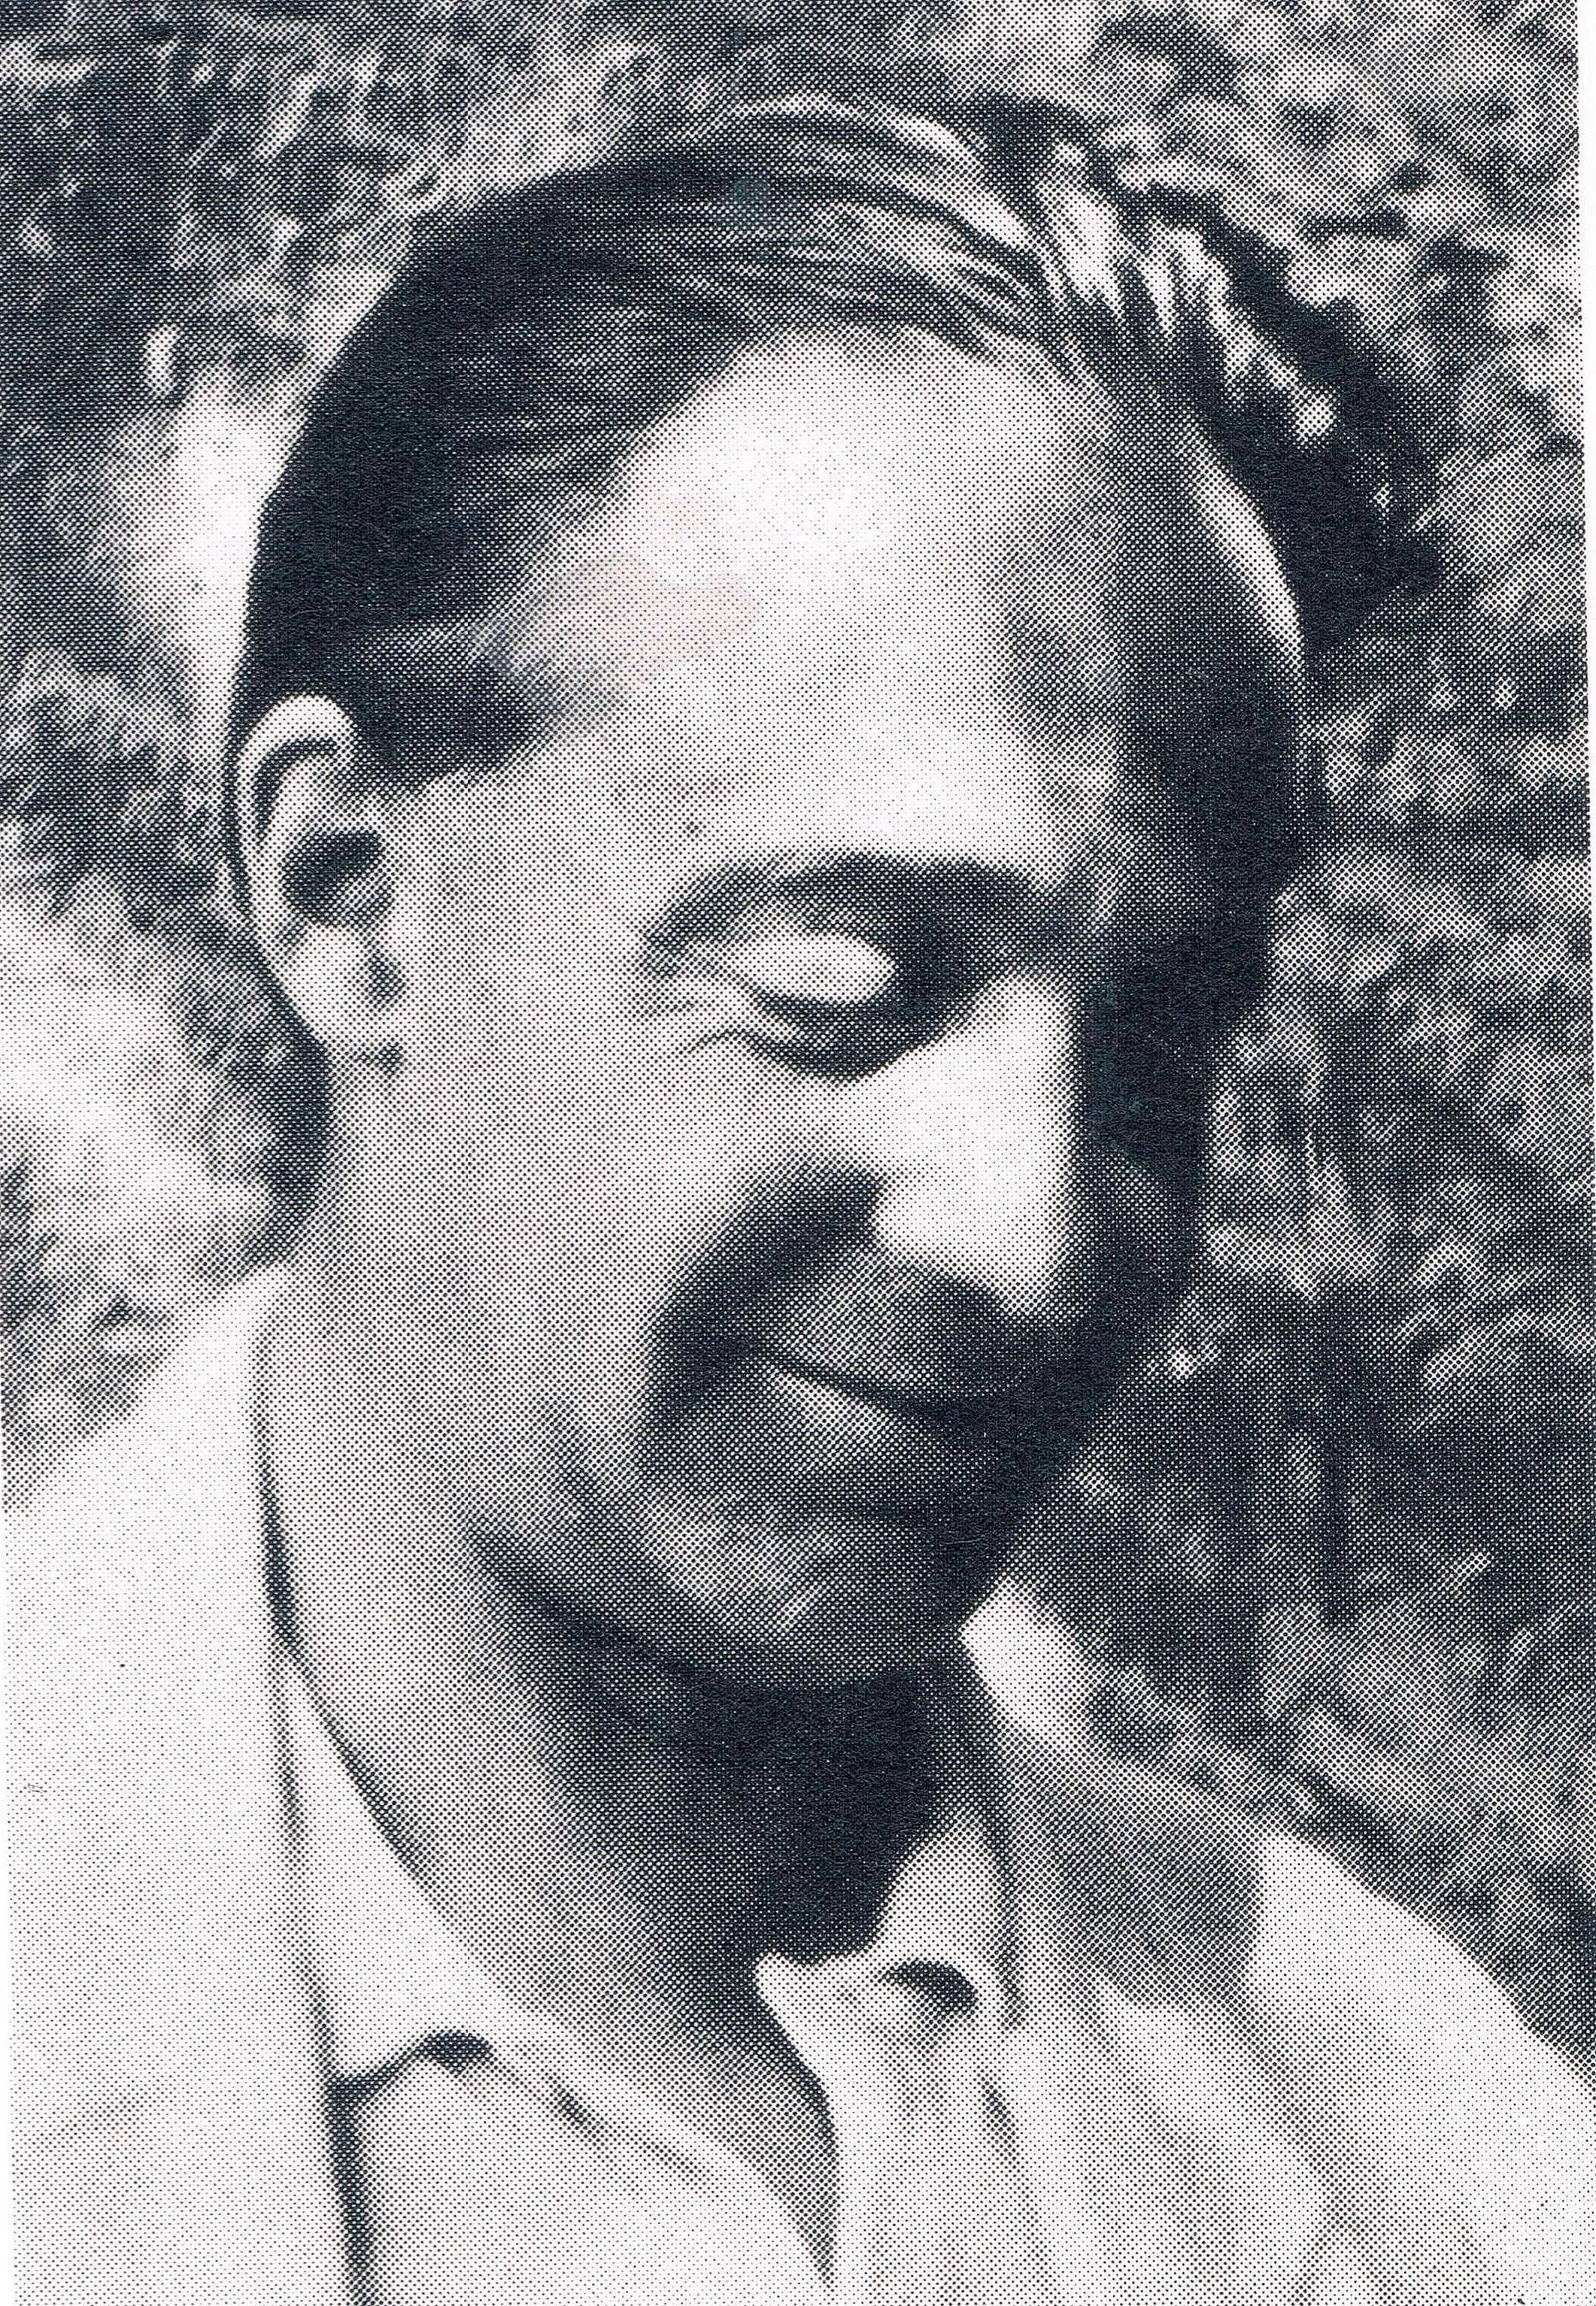 Heinrich Zimmer, c. 1933